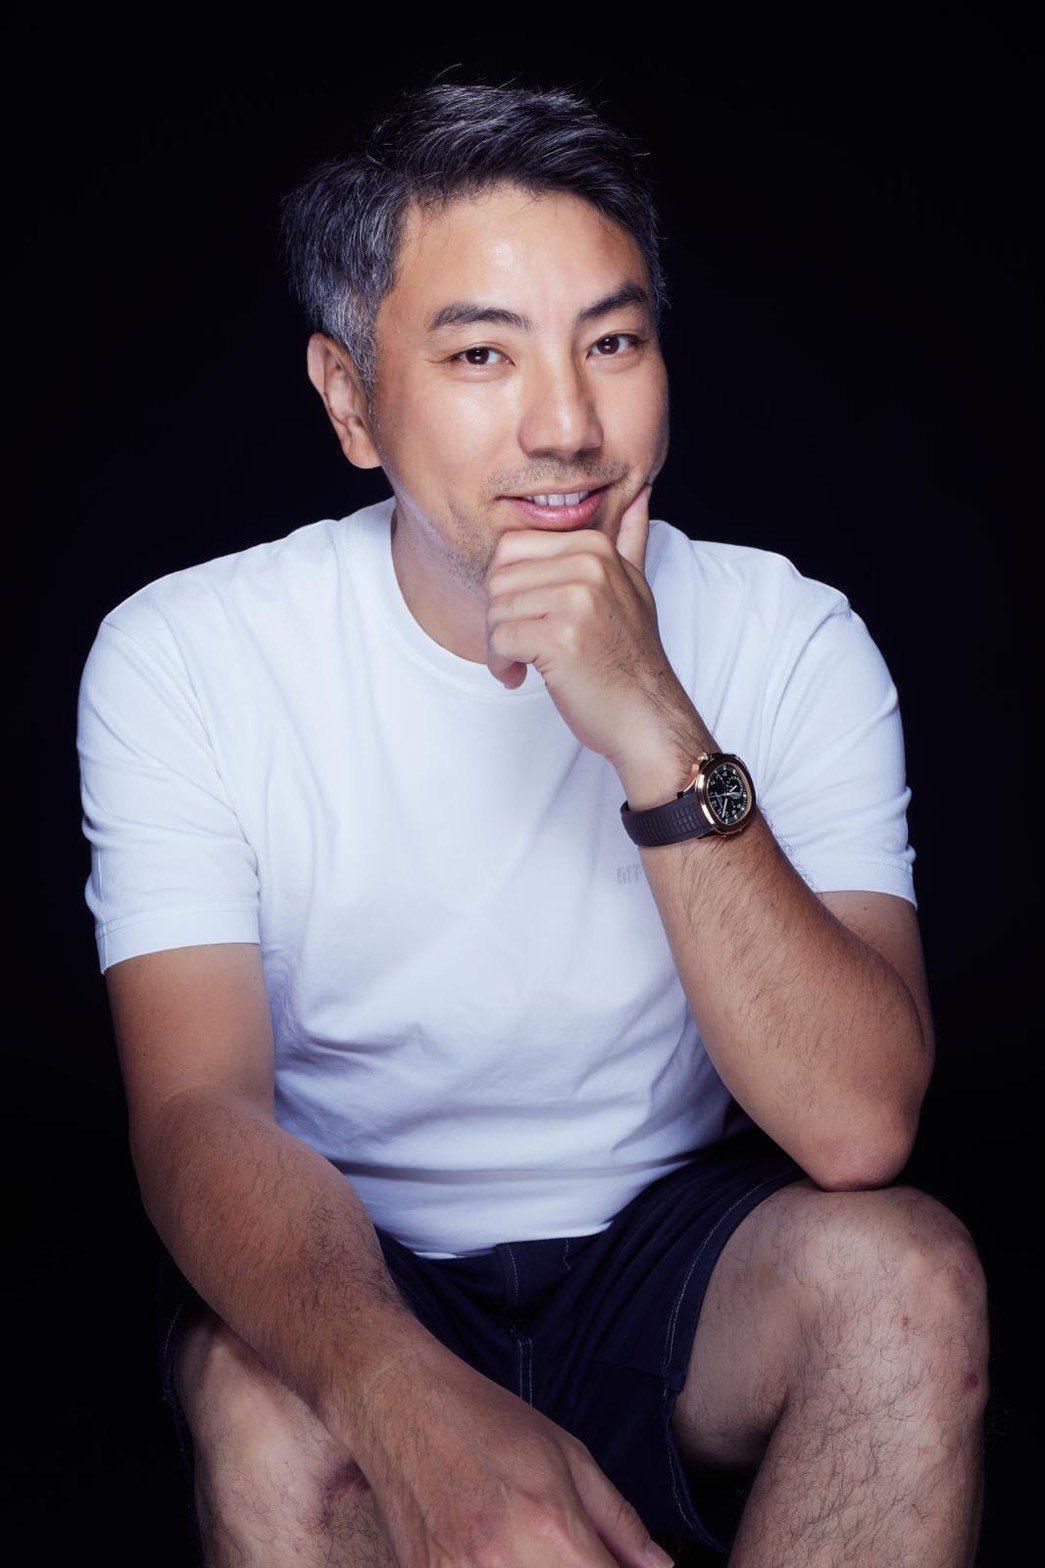 詹仁雄眼光放在未來5至10年。圖/詹仁雄提供